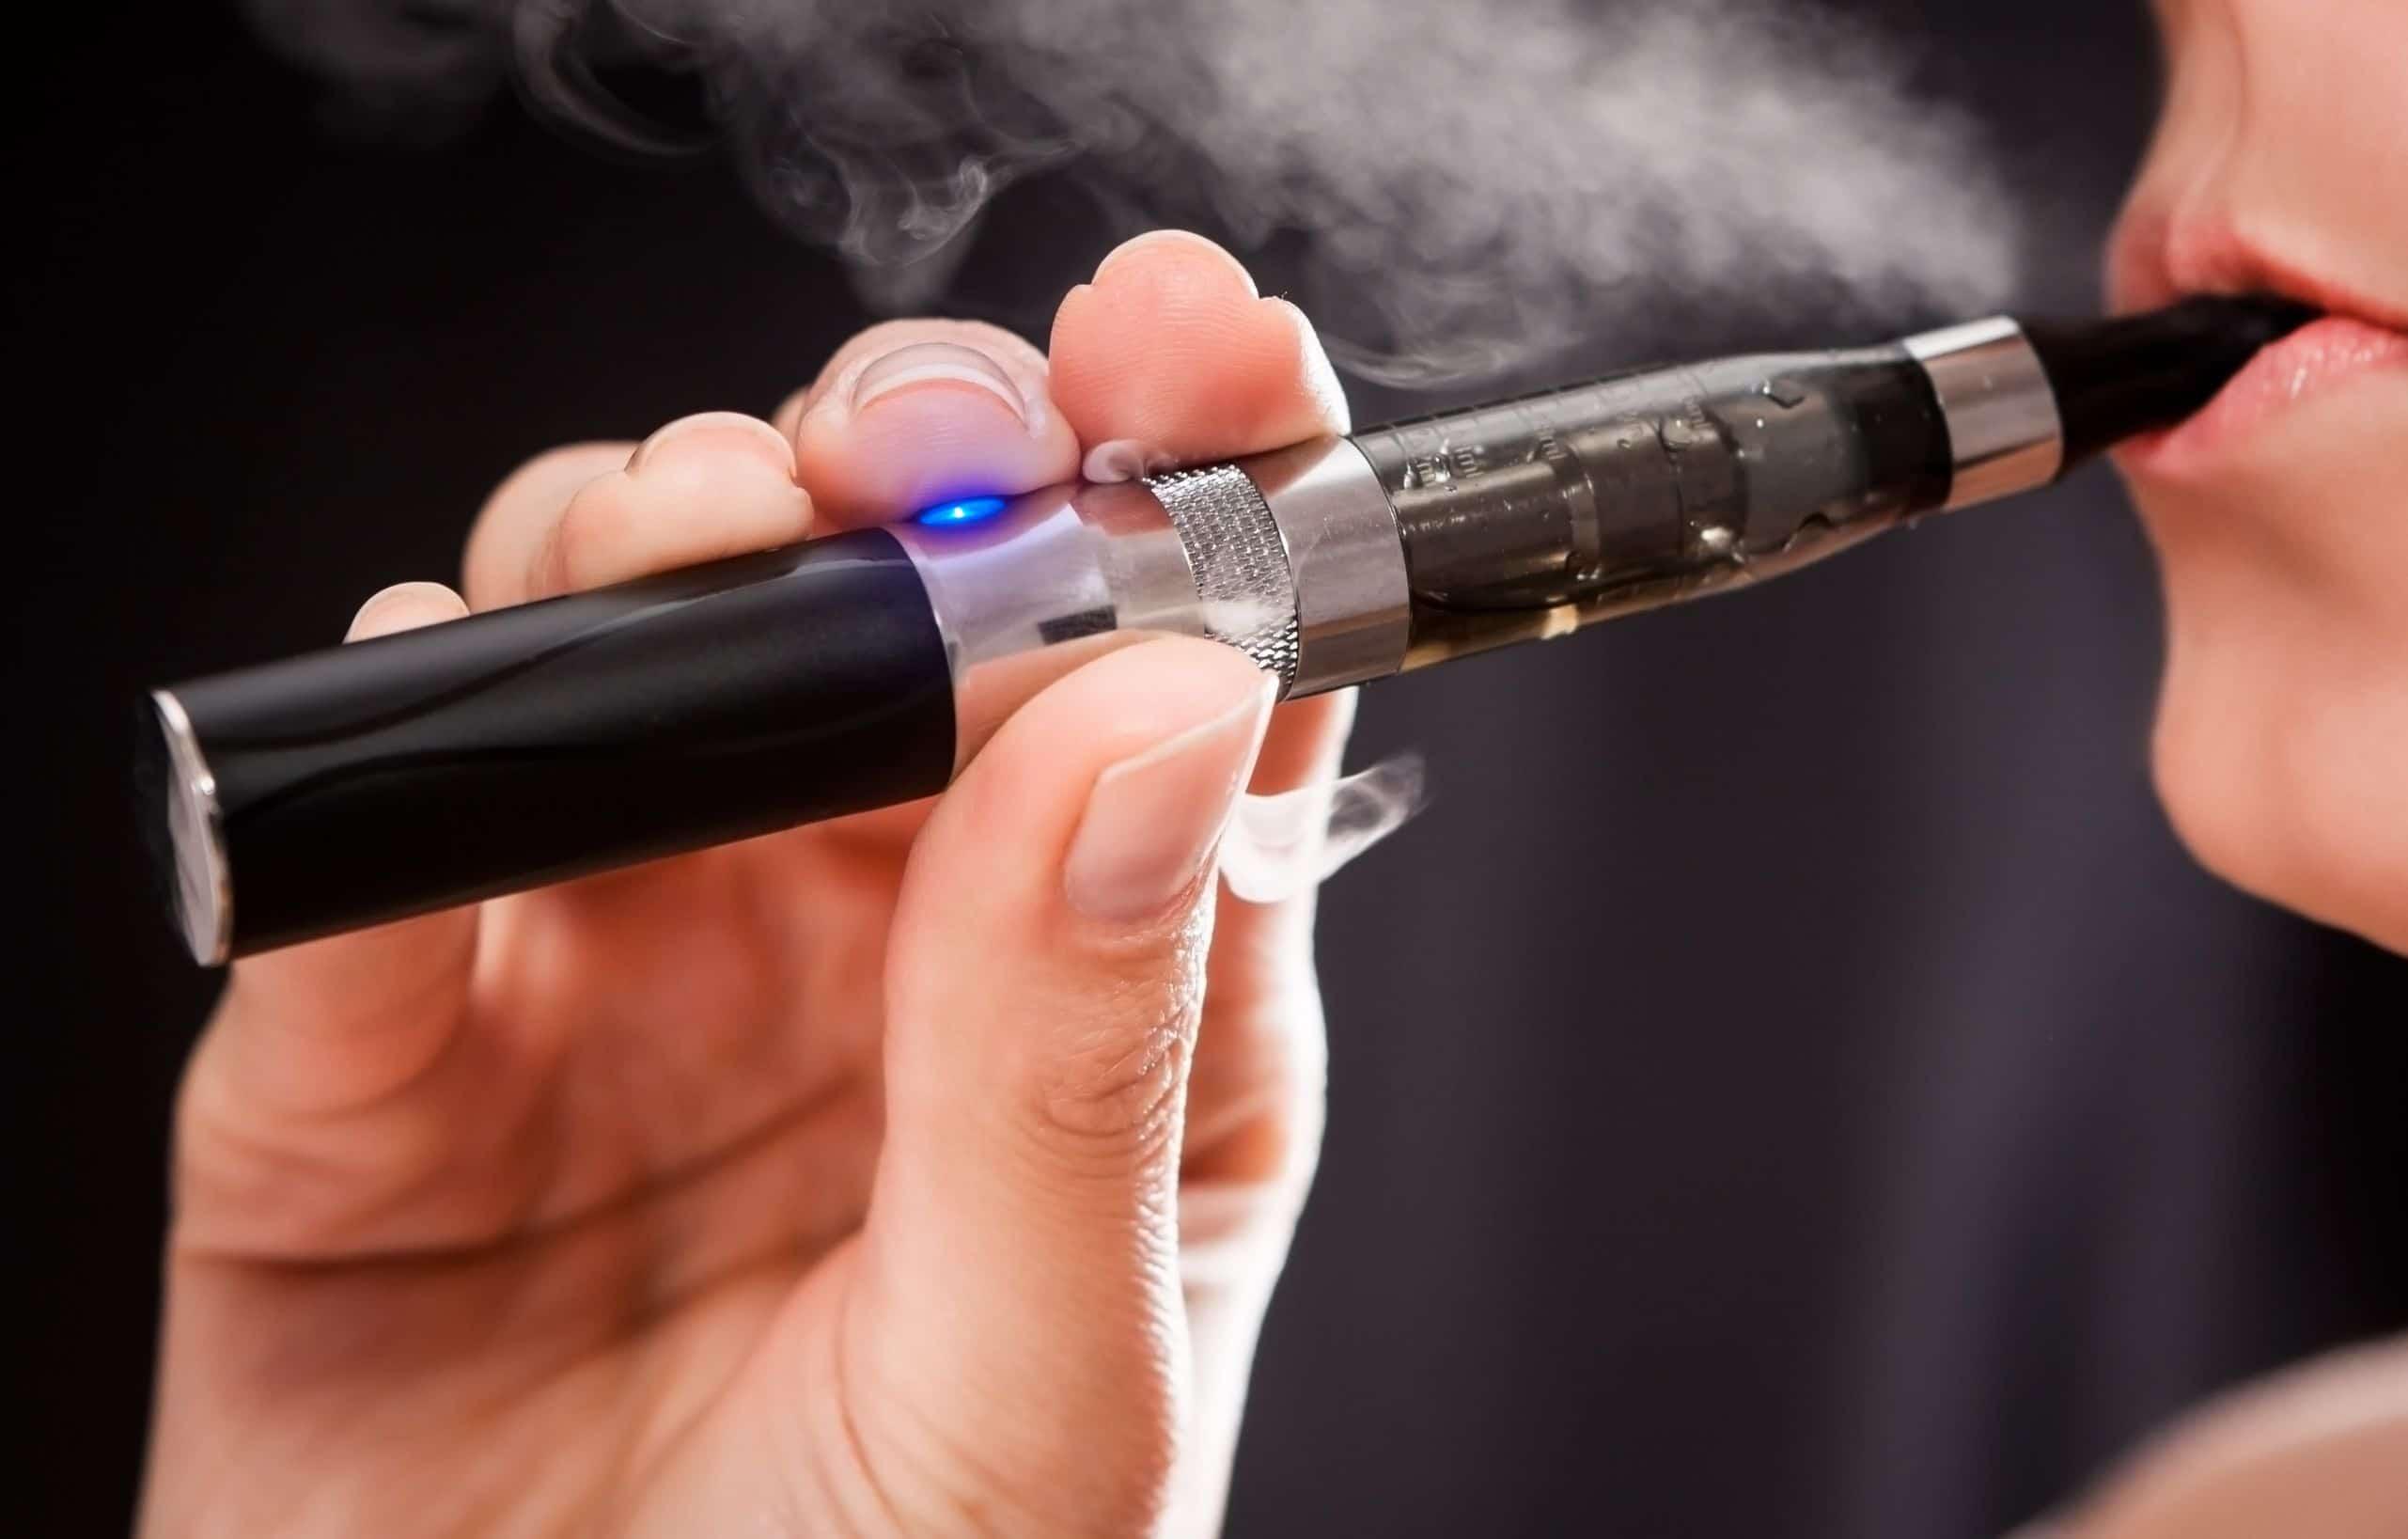 Nación Cannabis | Vaporizadores, la forma moderna de fumar